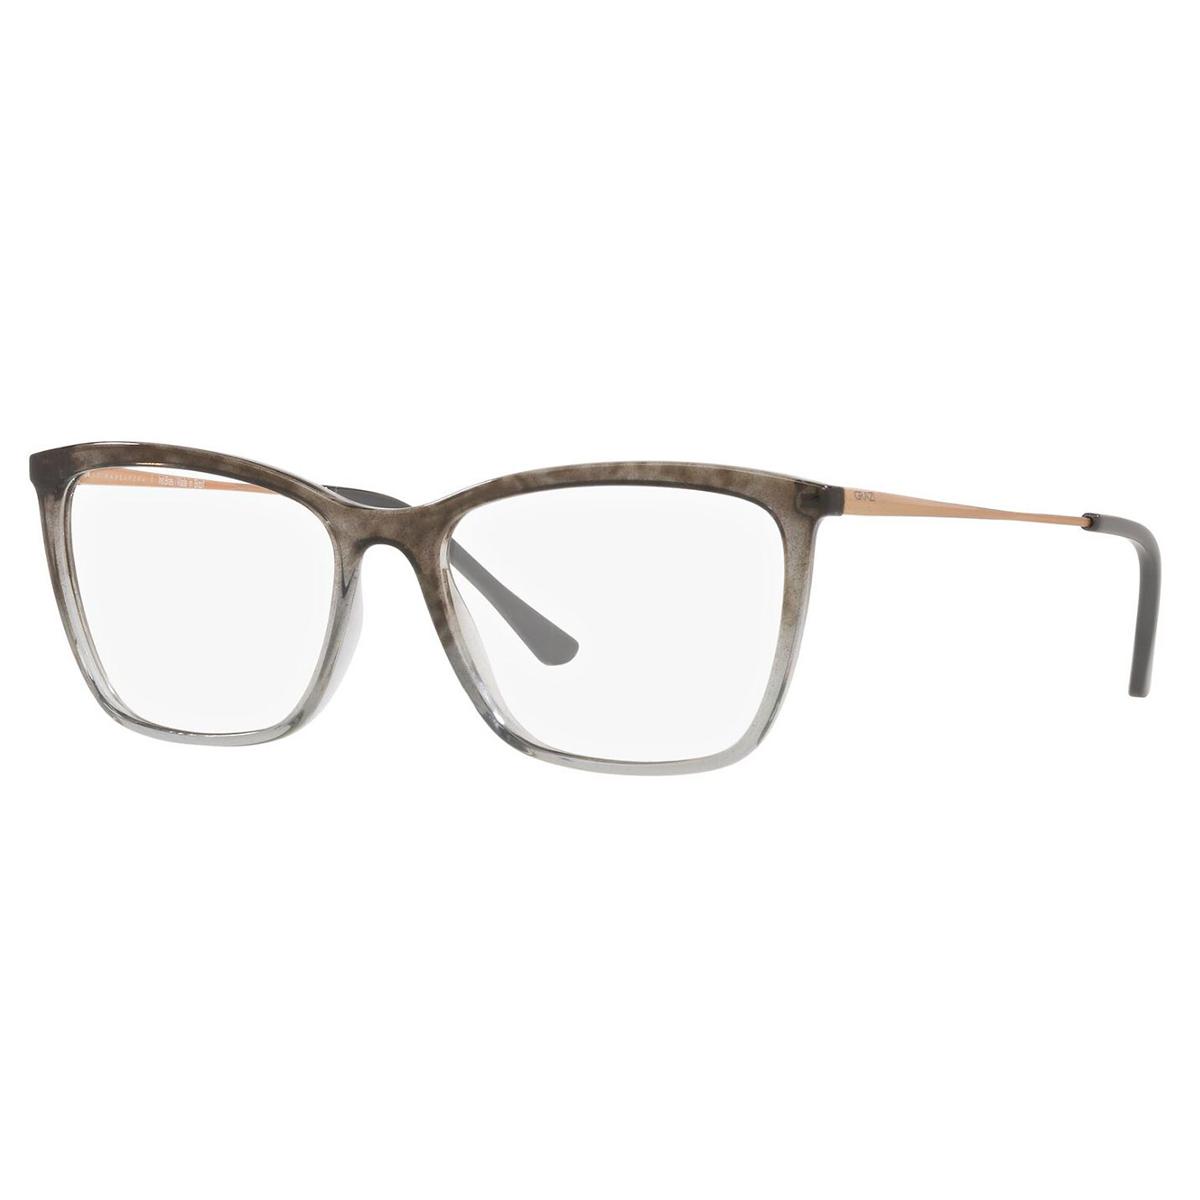 Óculos de Grau Feminino Grazi GZ3087 Cinza com Preto Translúcido